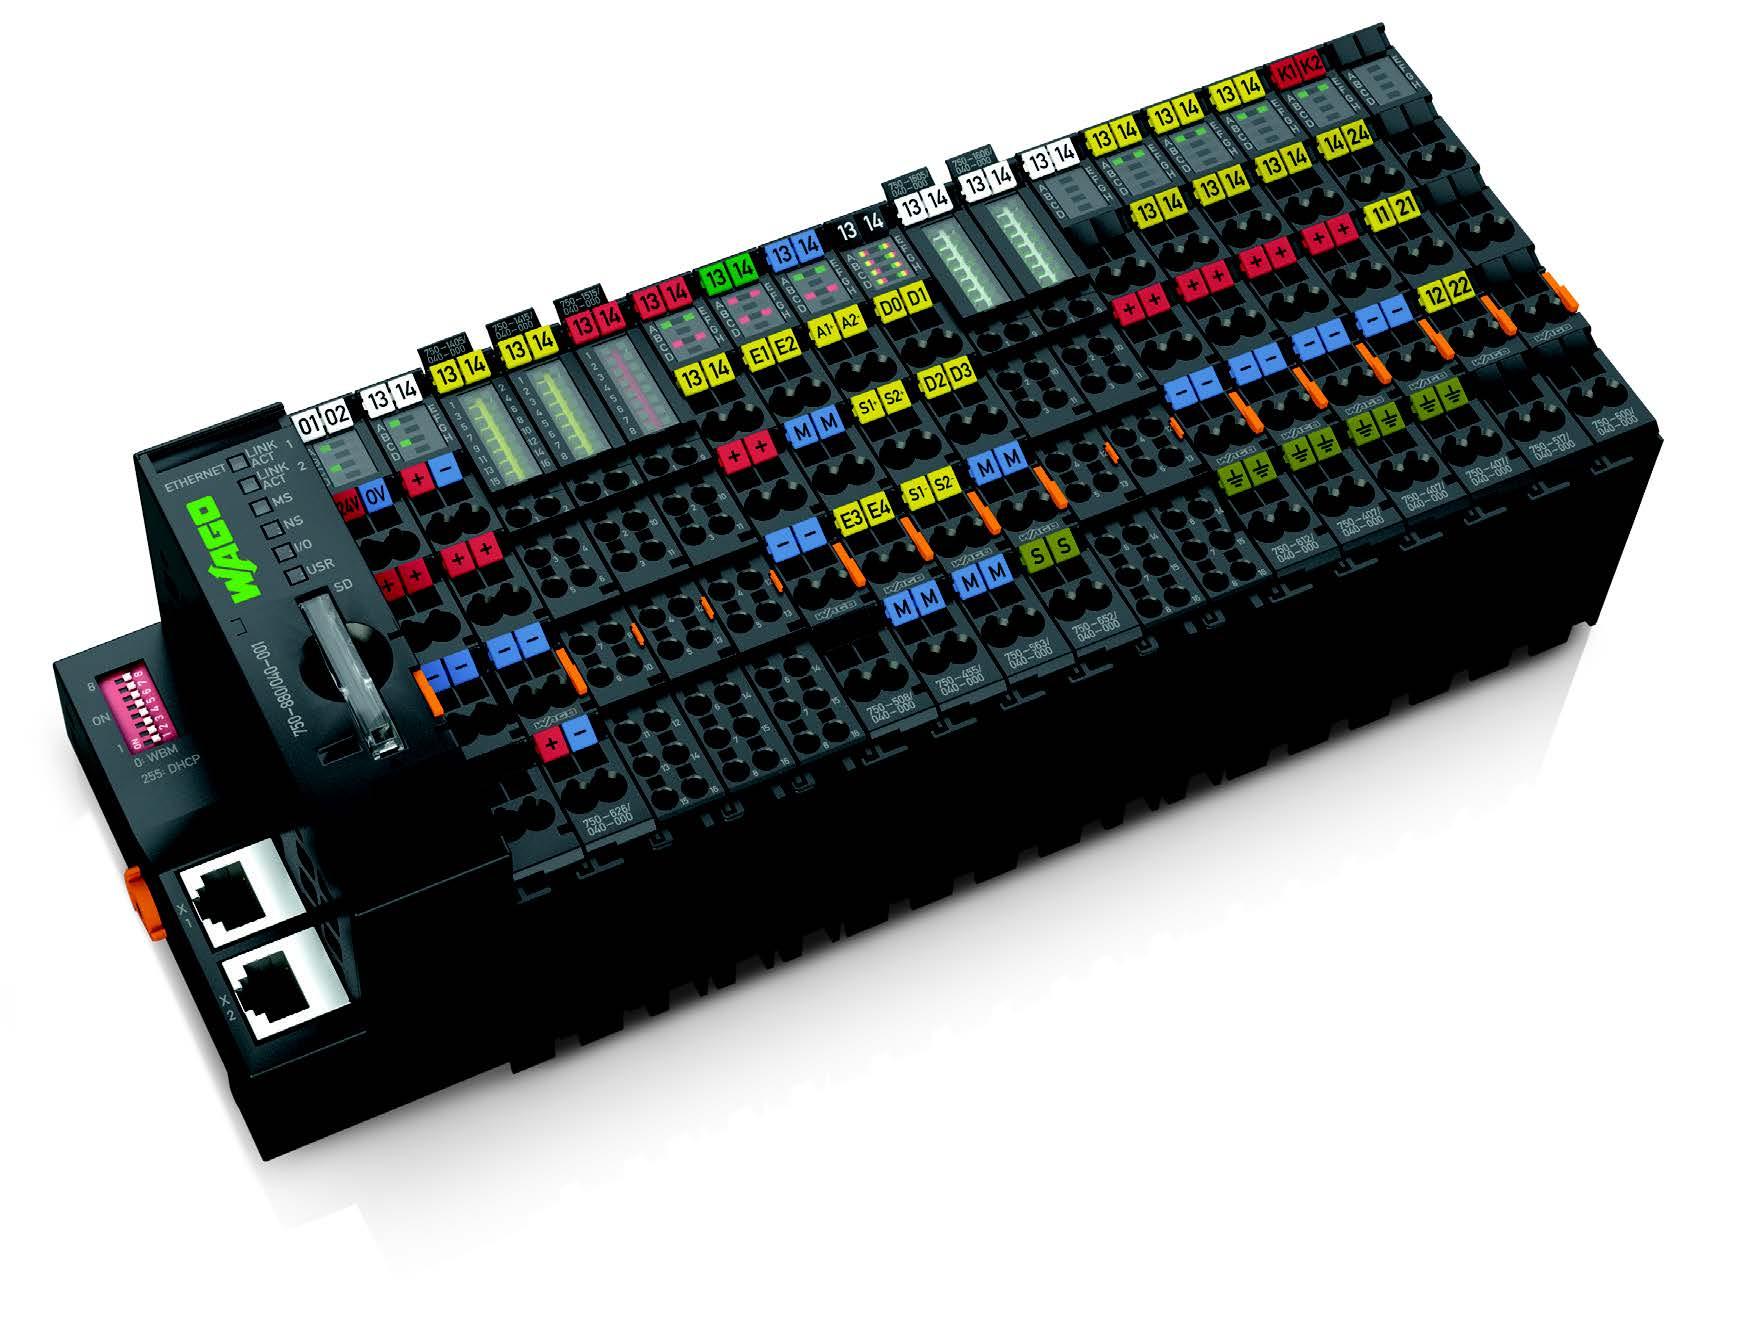 WAGO-I/O-SYSTEM 750XTR系列